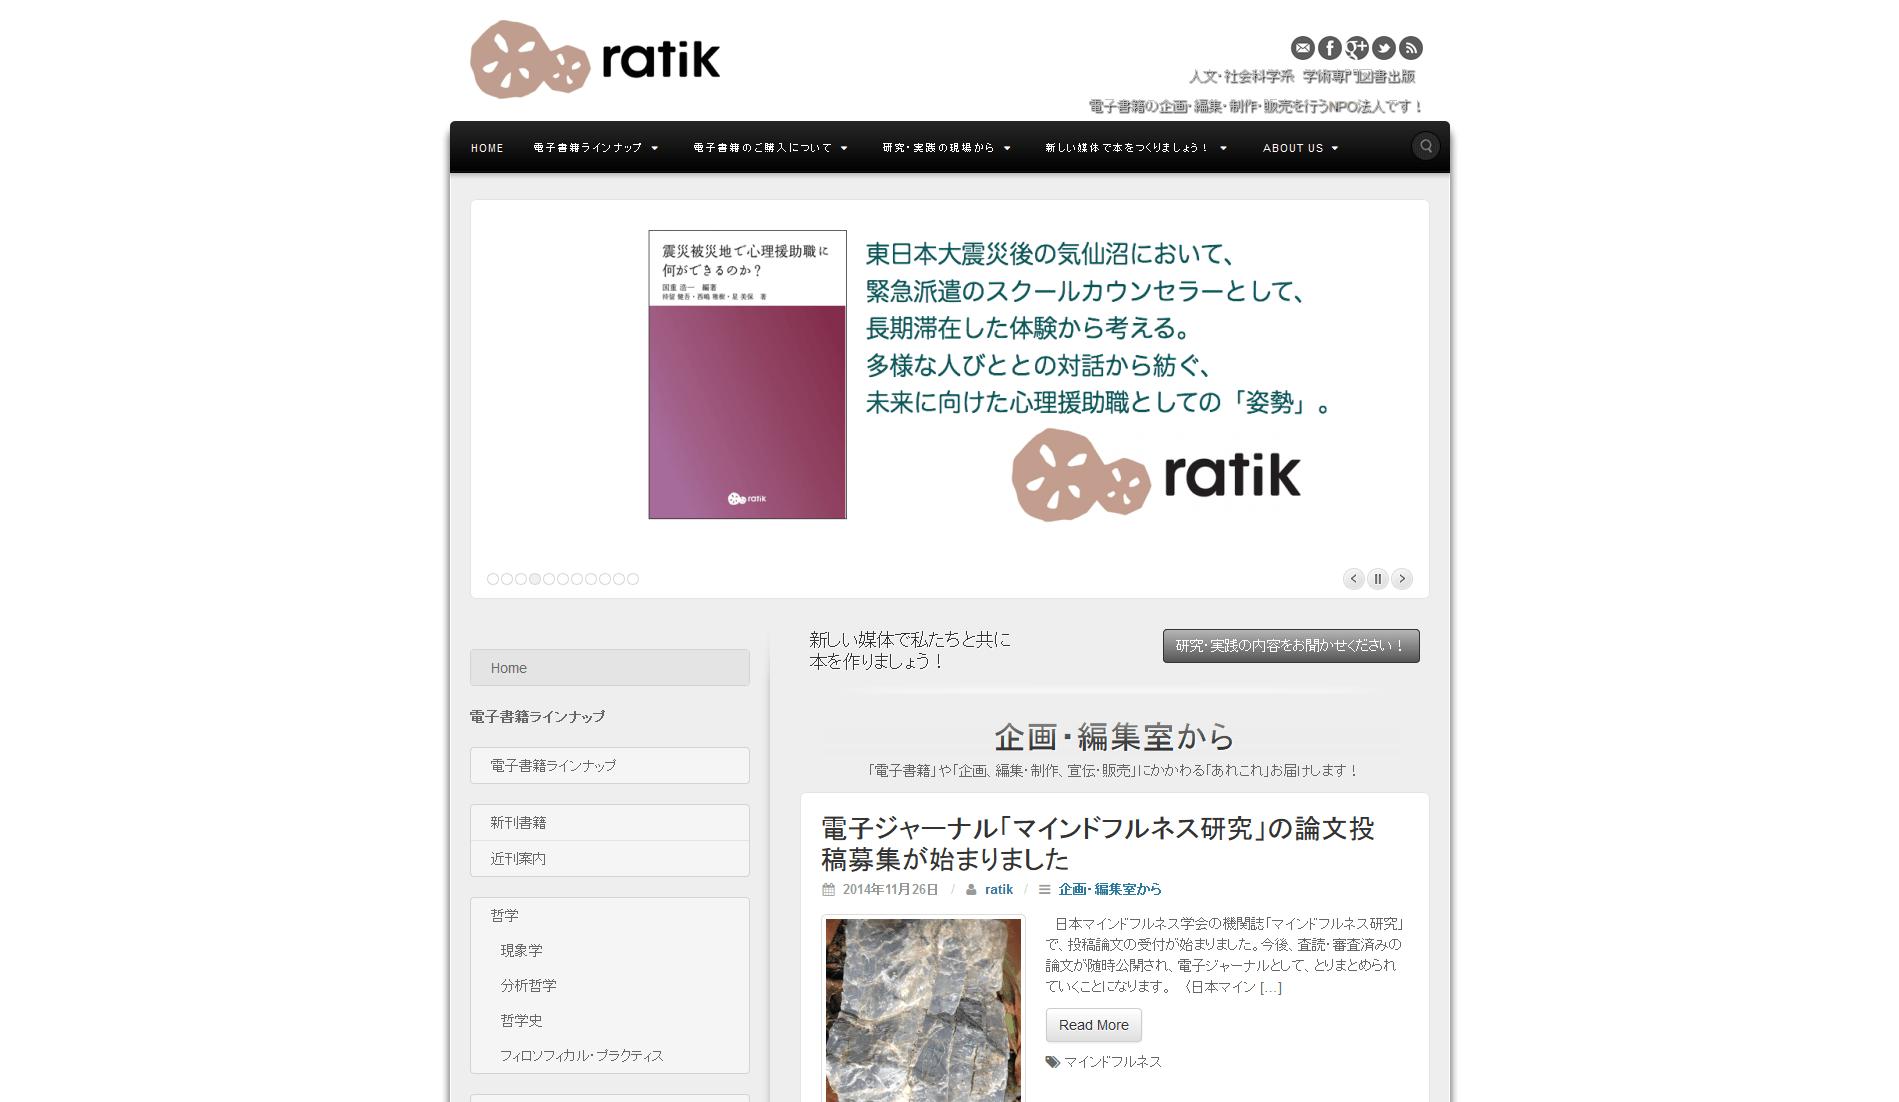 特定非営利活動法人ratik 学術専門図書出版  電子書籍の企画・編集・制作・販売を行うNPO法人です!